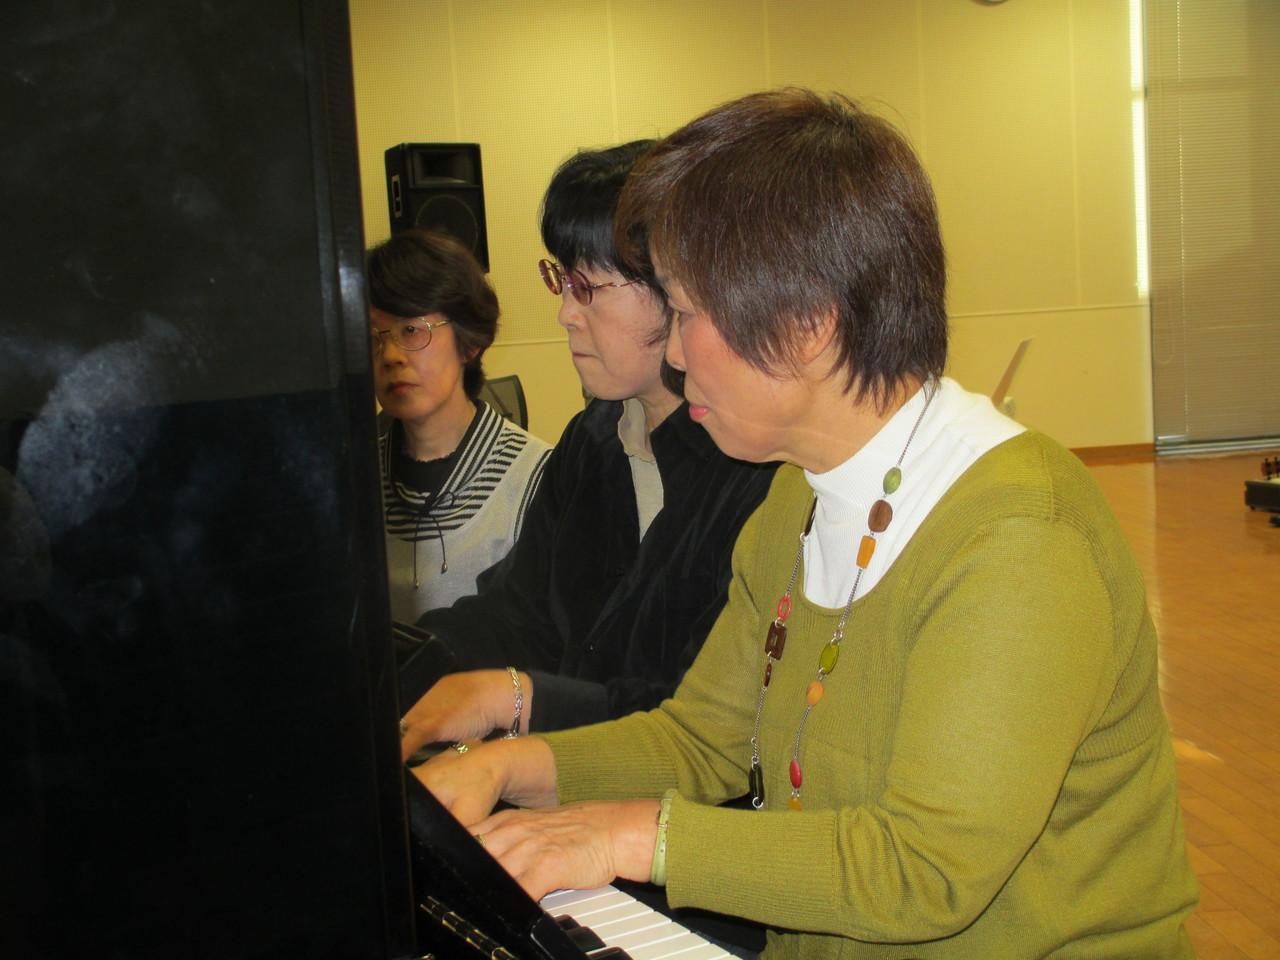 真剣表情のピアノの連弾